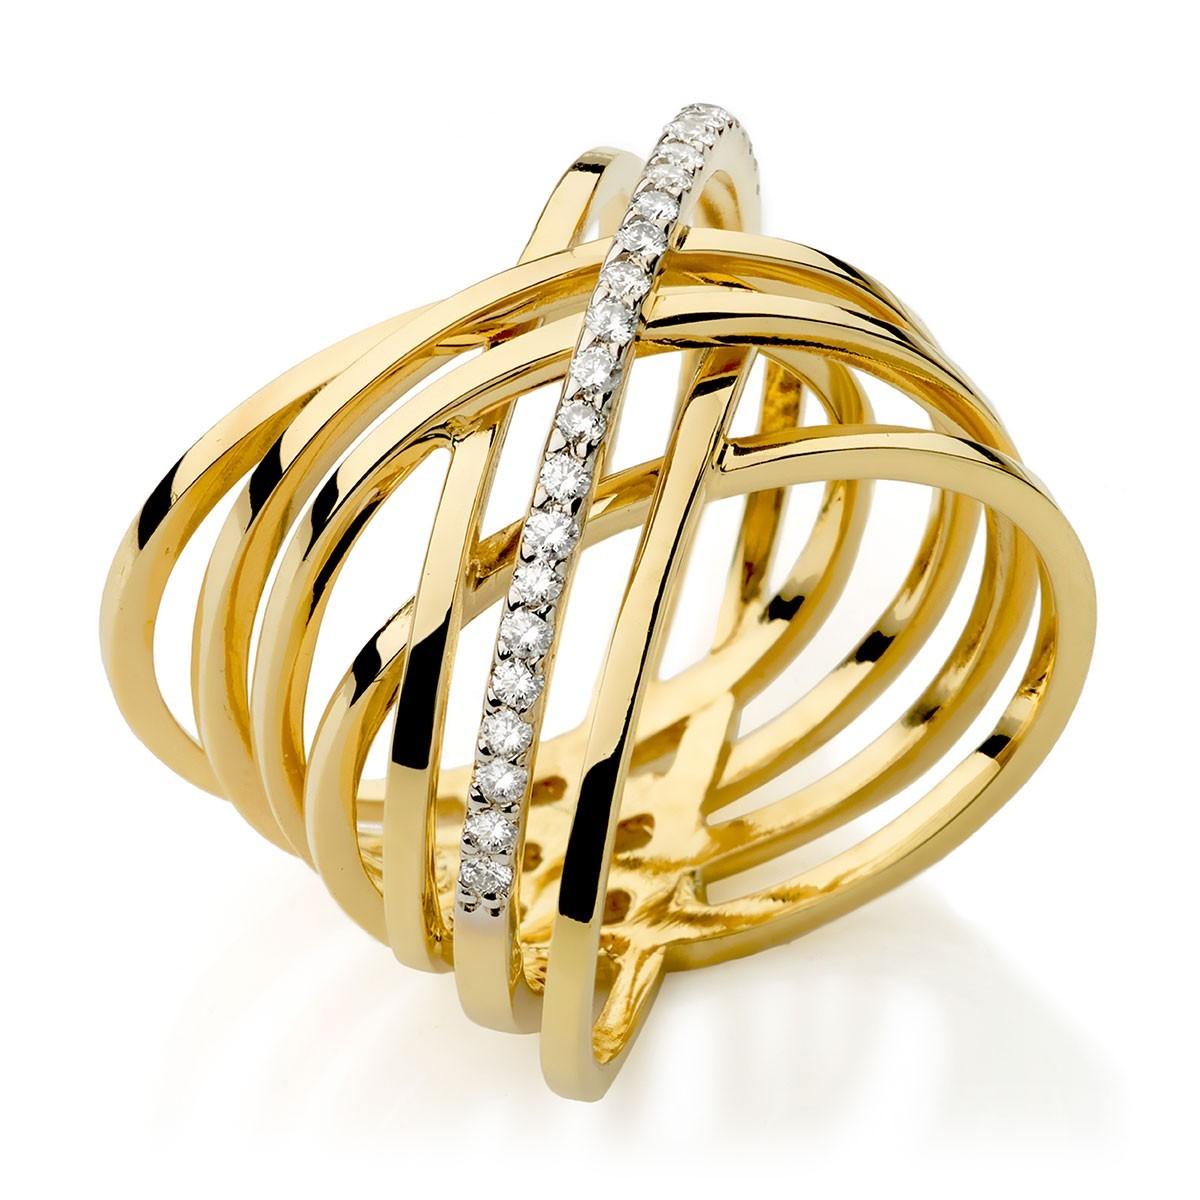 c4095984d5b38 anel arcos ouro amarelo com diamantes